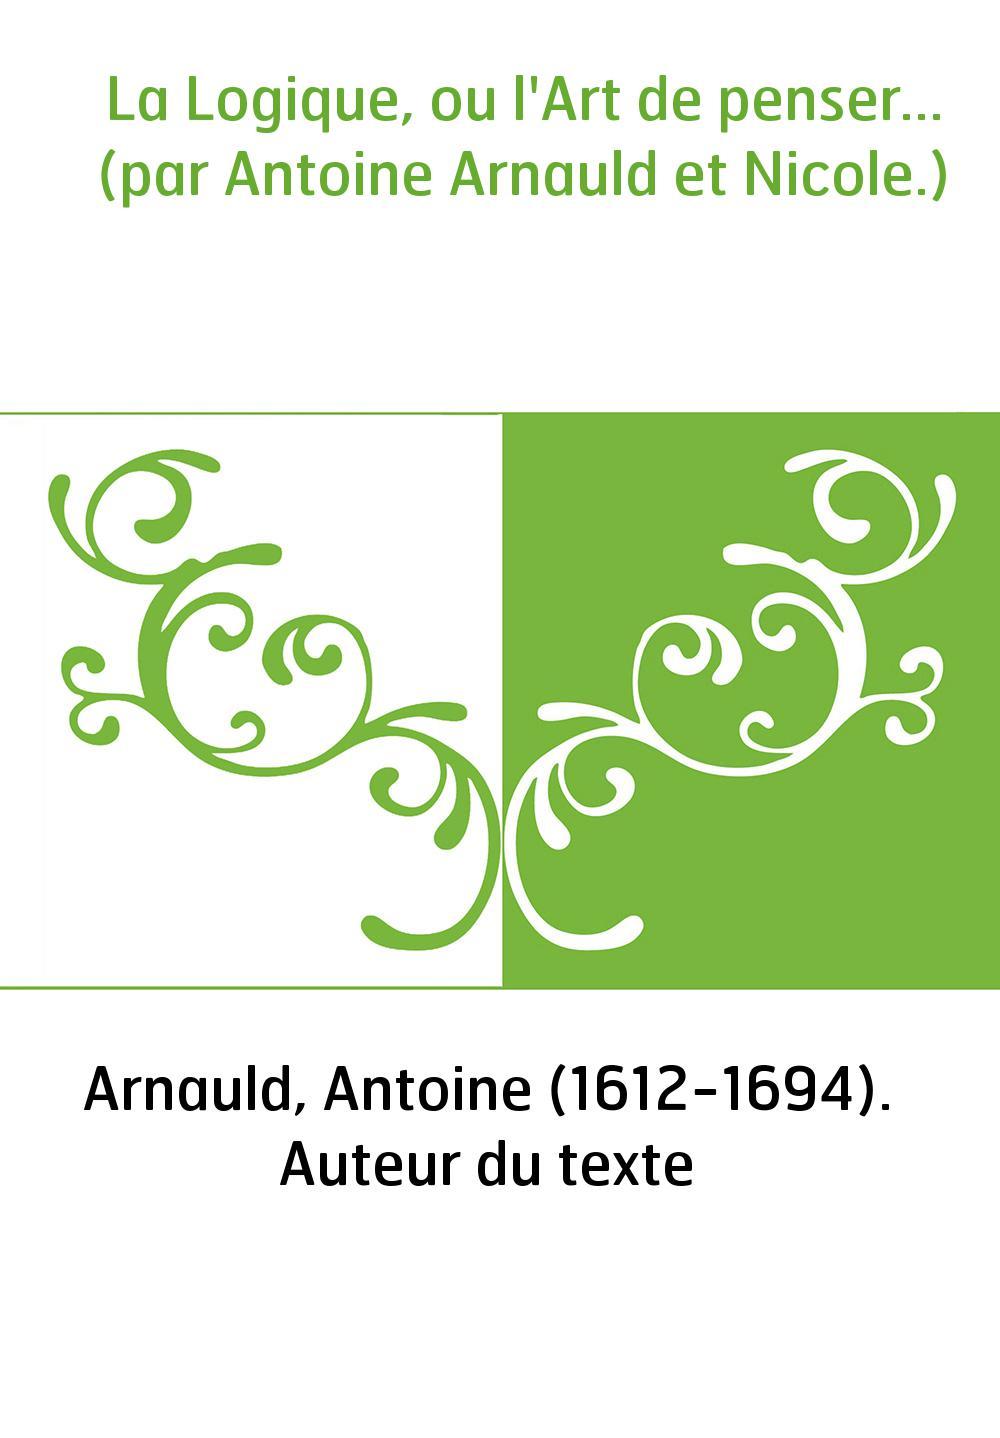 La Logique, ou l'Art de penser... (par Antoine Arnauld et Nicole.)